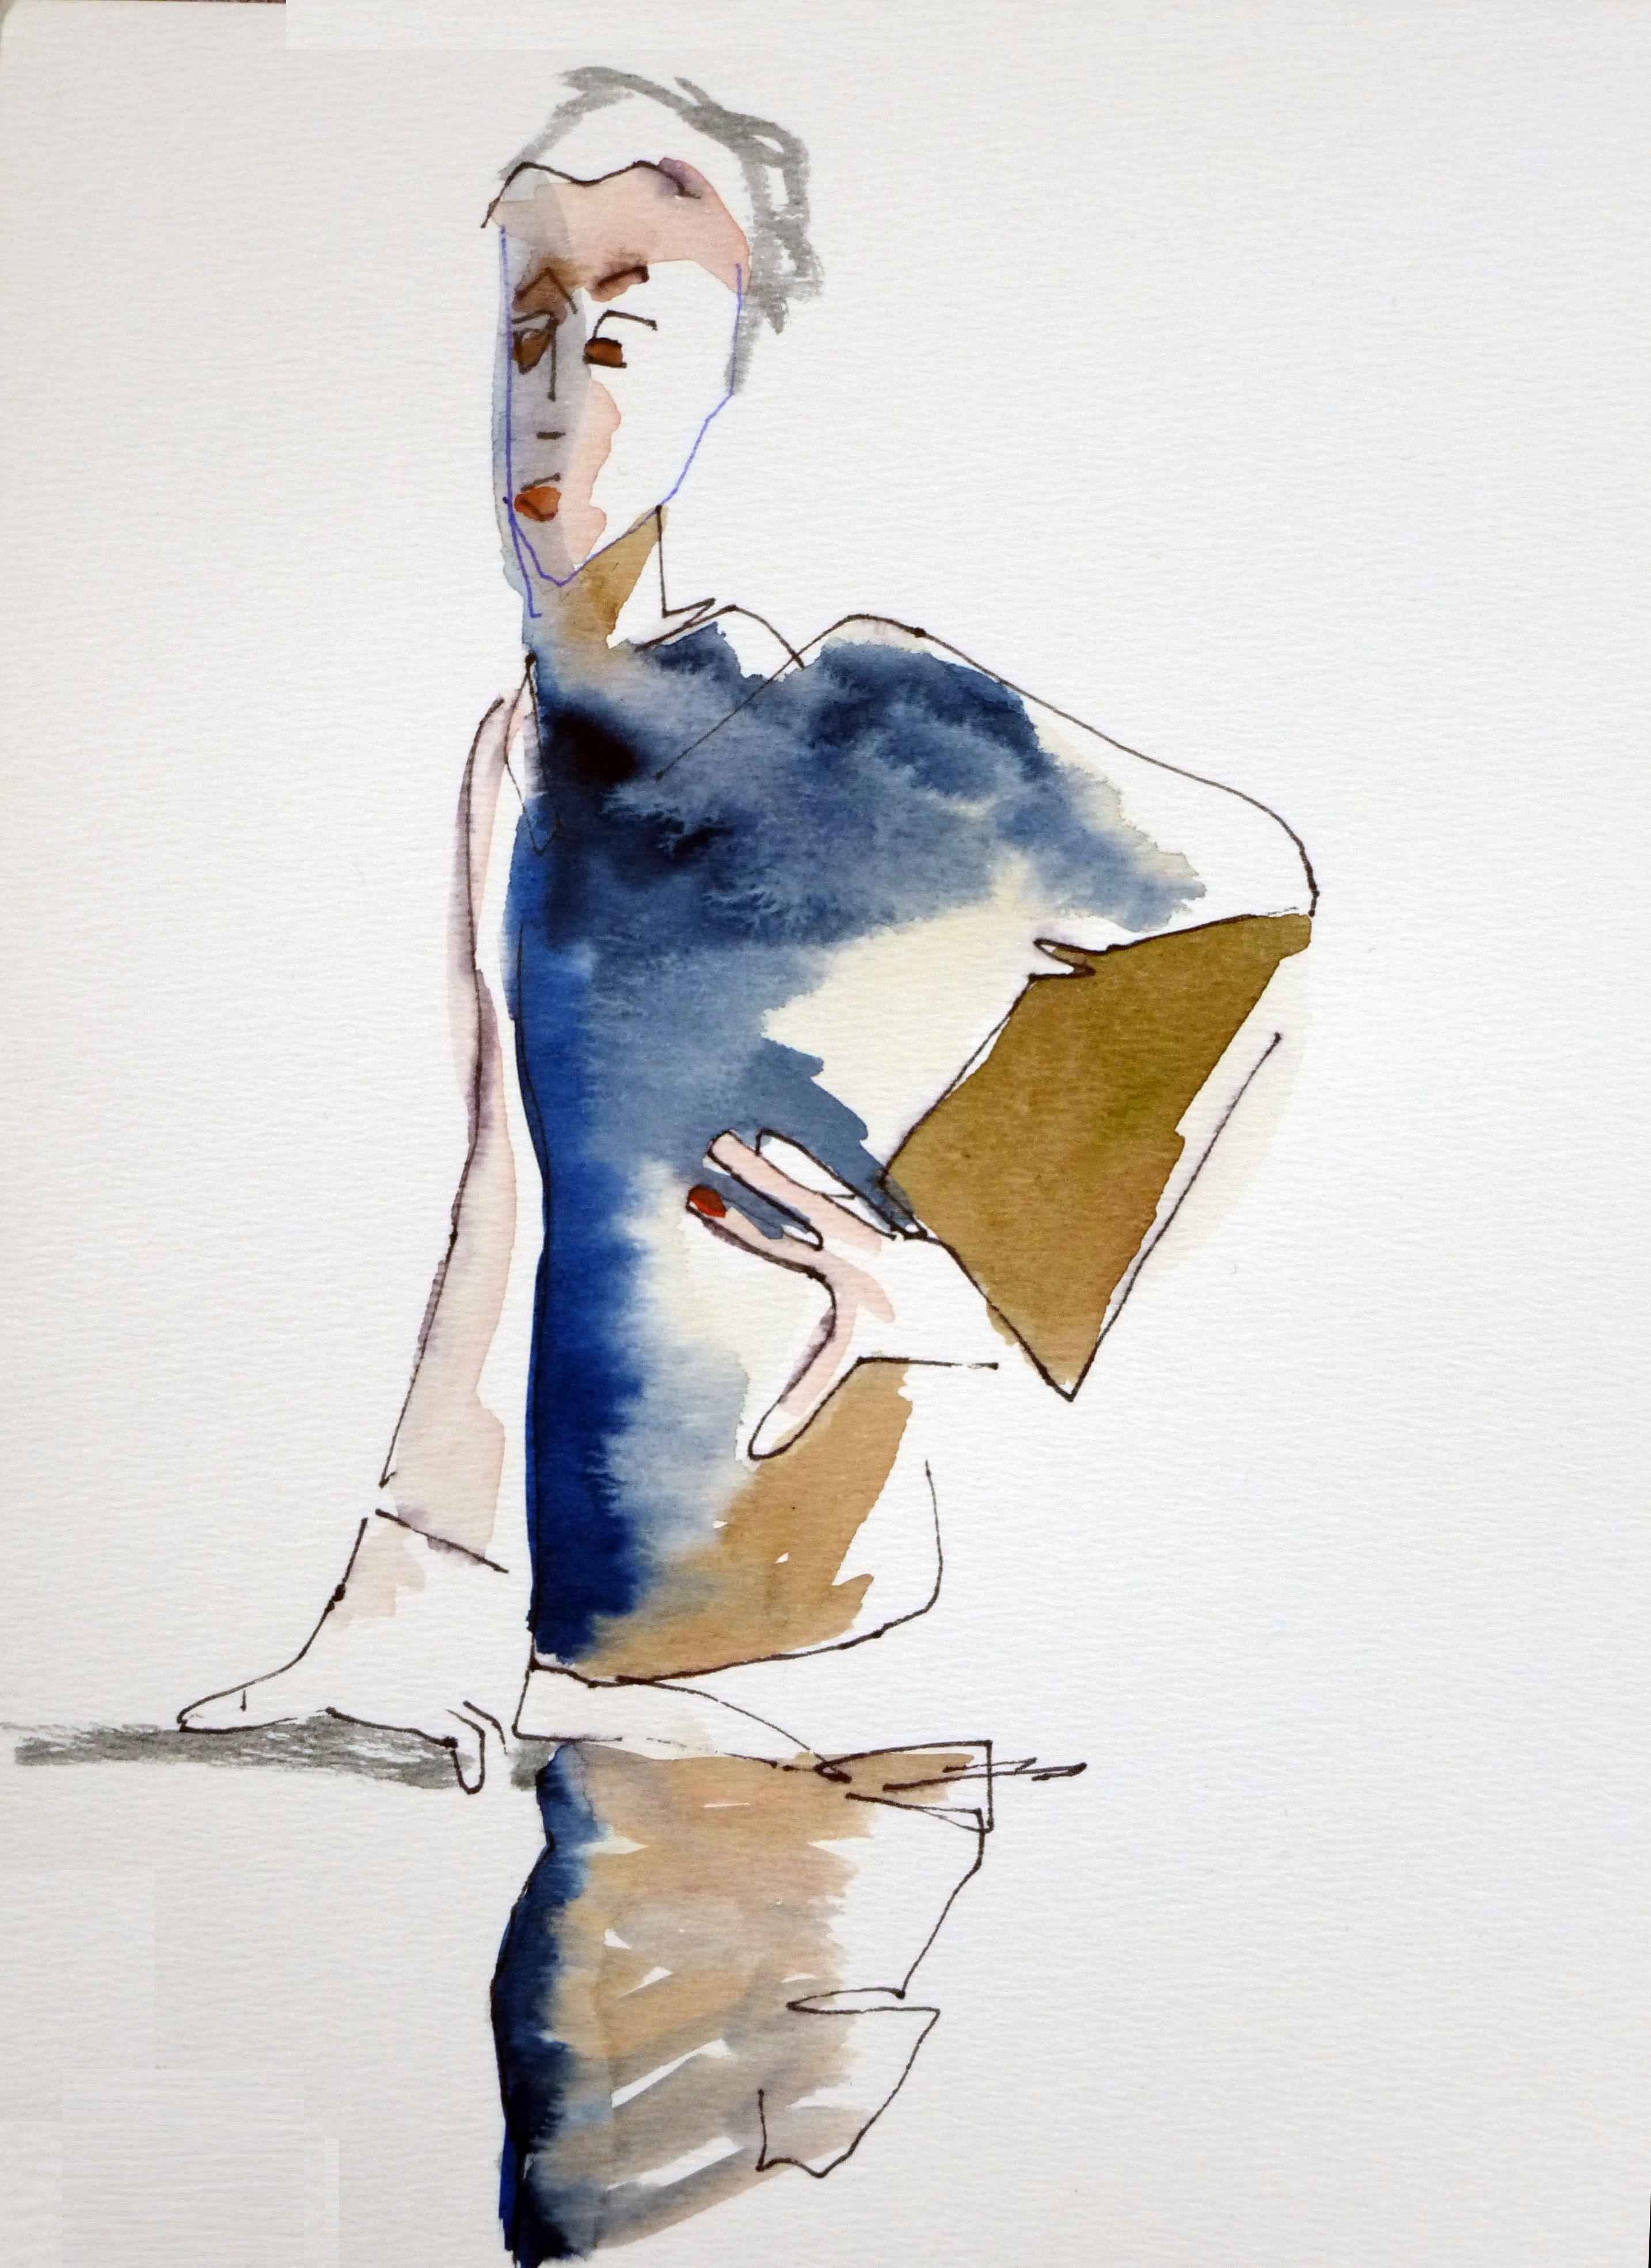 aquarelle perso,  d'après Egon Schiele, portr  d'Erich Lederer,  Bâle  musée  d'Art